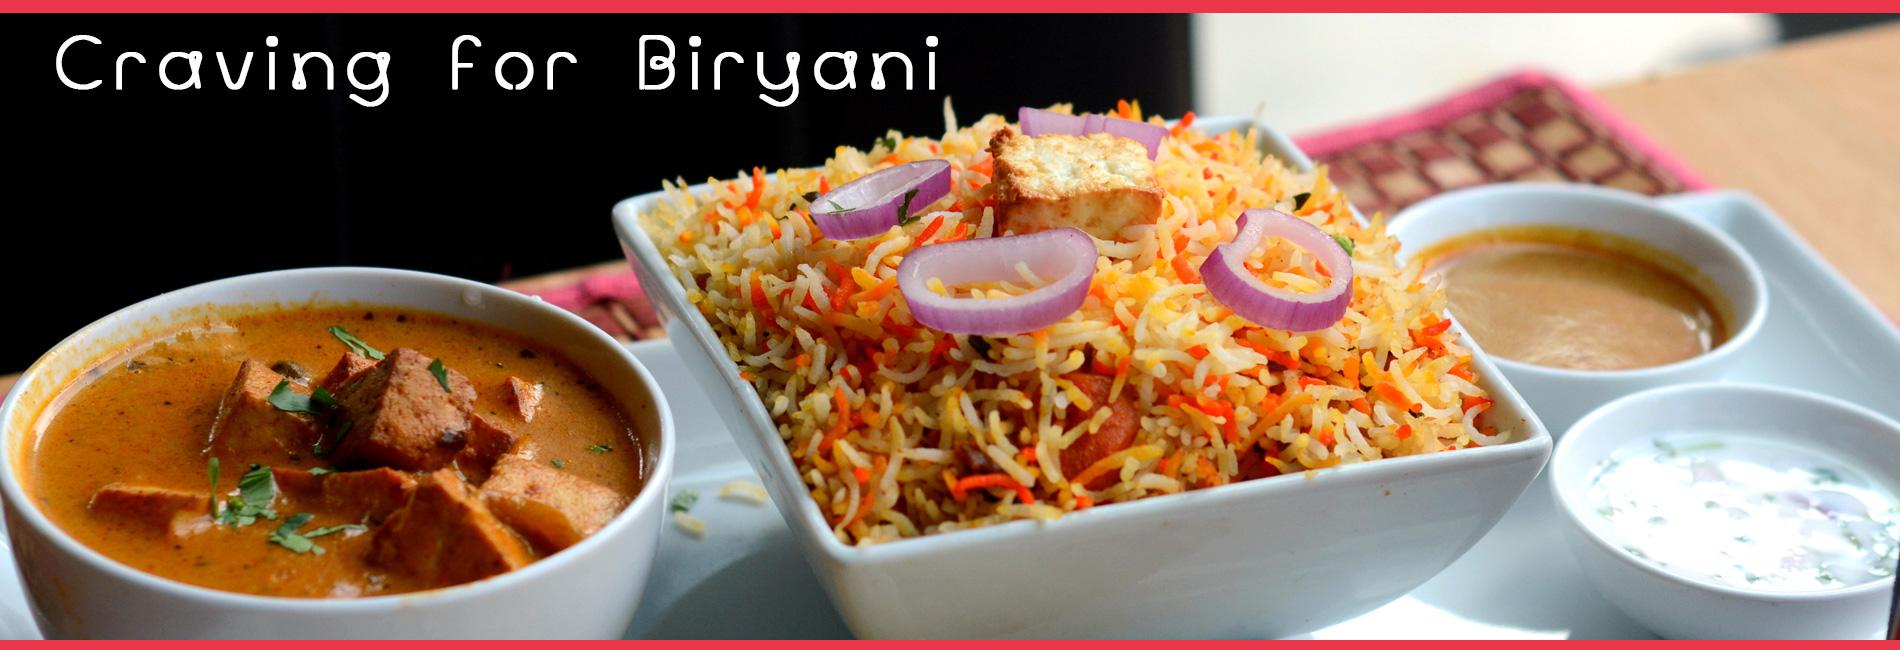 Bawarchi Biryanis - #1 Indian Restaurant in USA... Over 25+ biryanis....